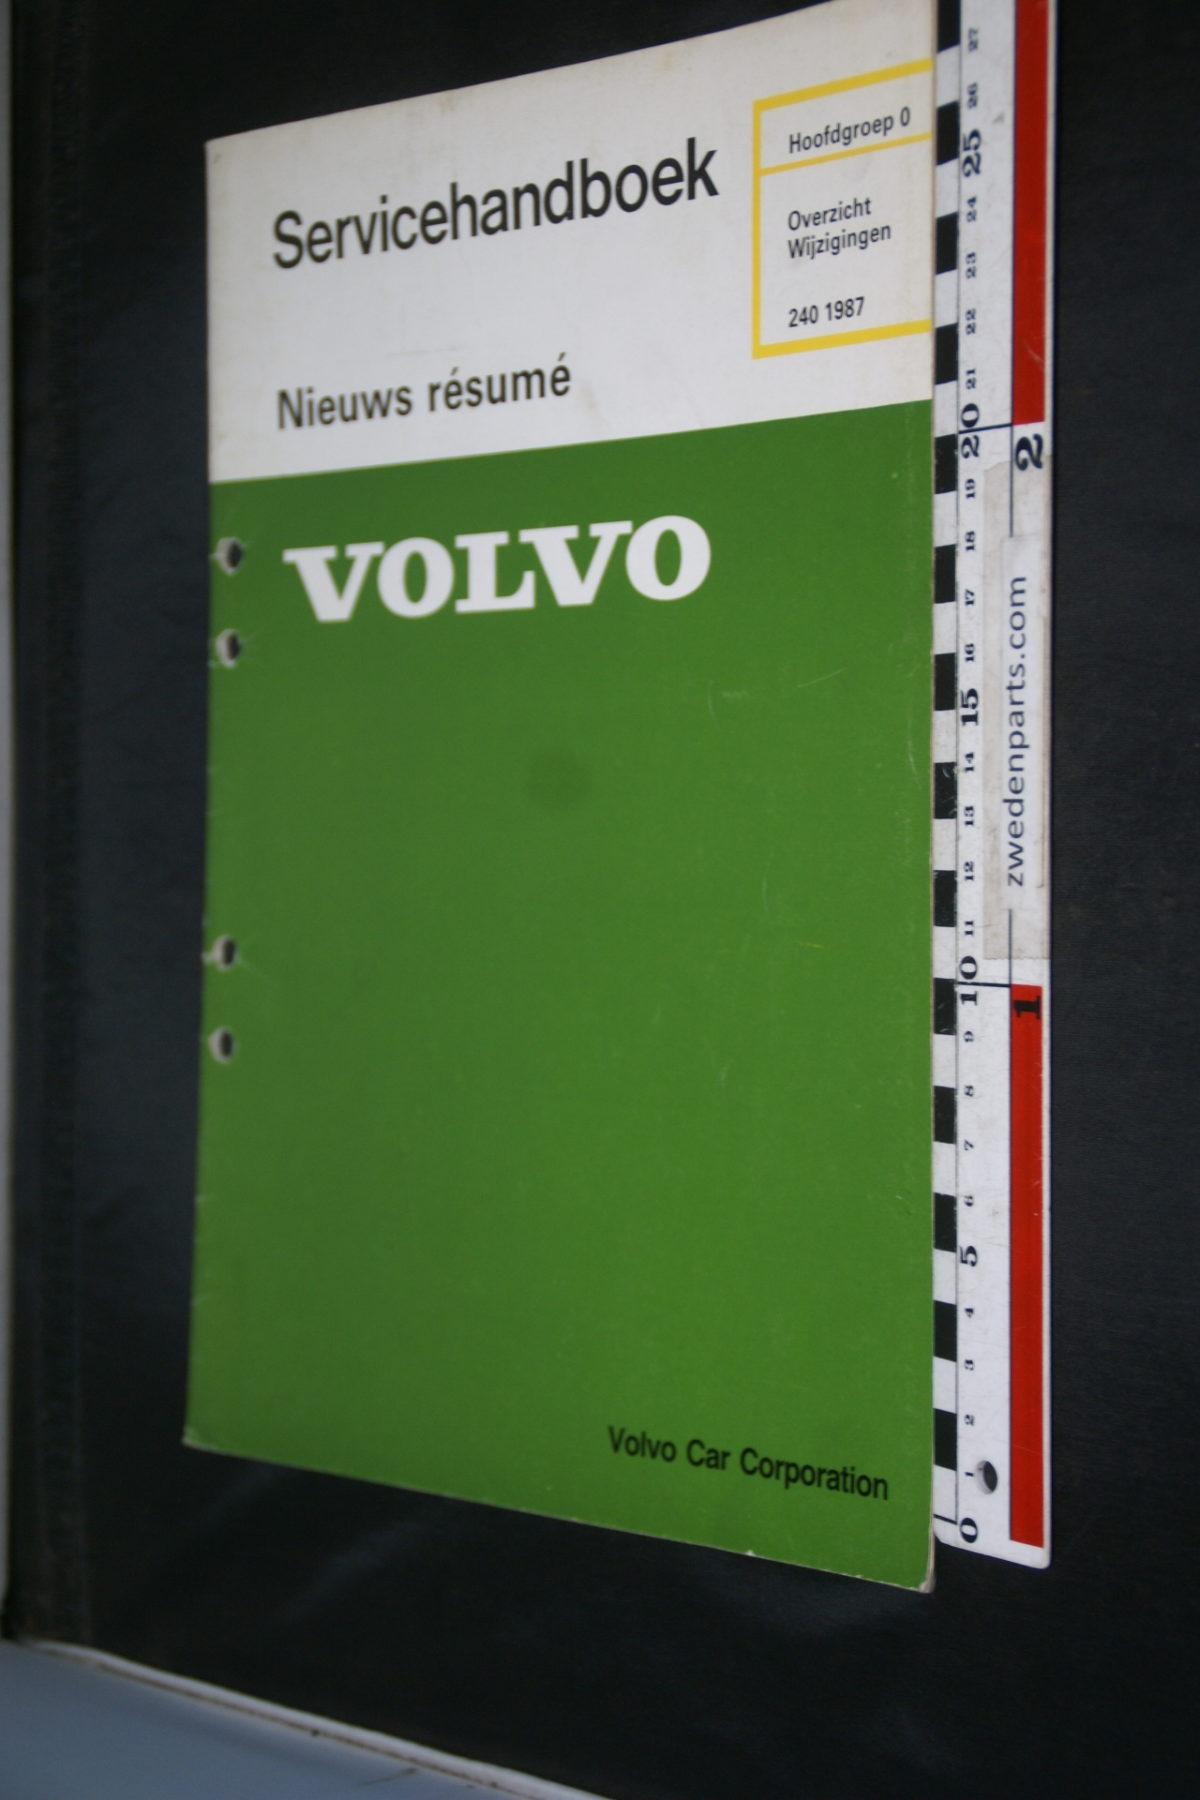 DSC08497 1986 origineel Volvo 240 servicehandboek  0 overzicht wijzigingen 1 van 1.000 TP 31035-1